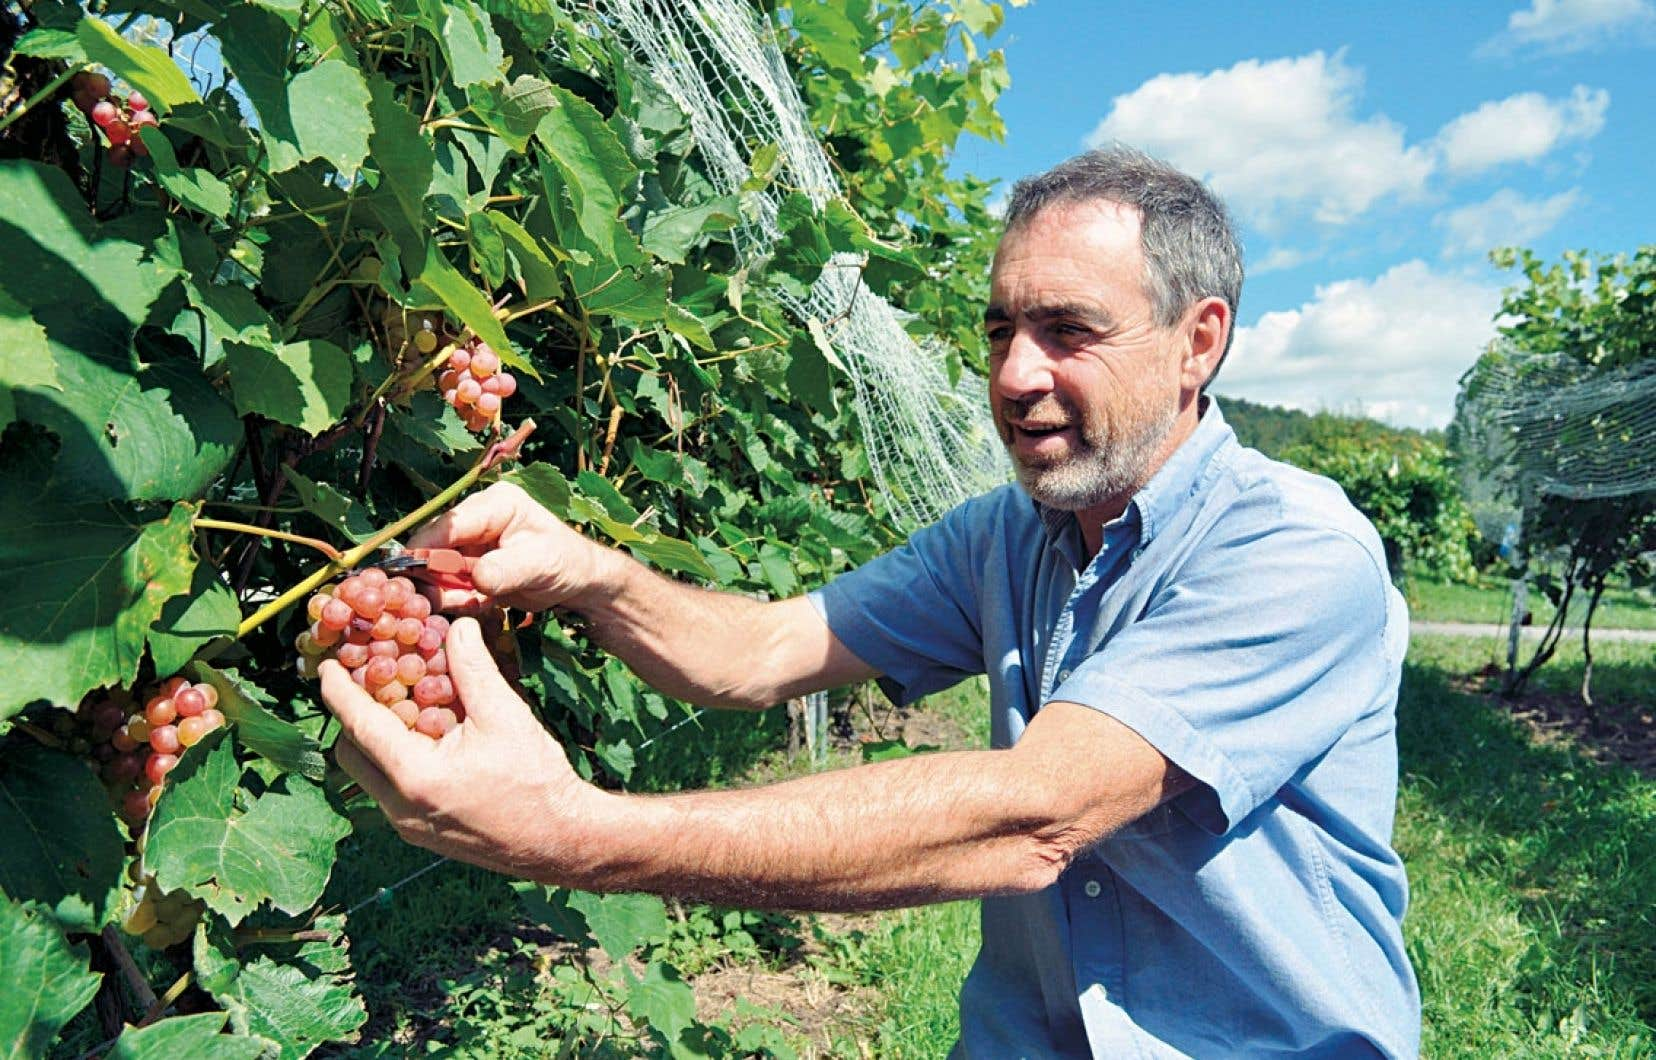 Jean-Guy Gosselin, du vignoble Coteau St-Paul à Saint-Paul-d'Abbotsford, où on cultive une quinzaine de variétés de raisins de table, cinq variétés de pommes, des poi res, des prunes, des cerises et même une parcelle encore expérimentale de kiwis et d'abricots.